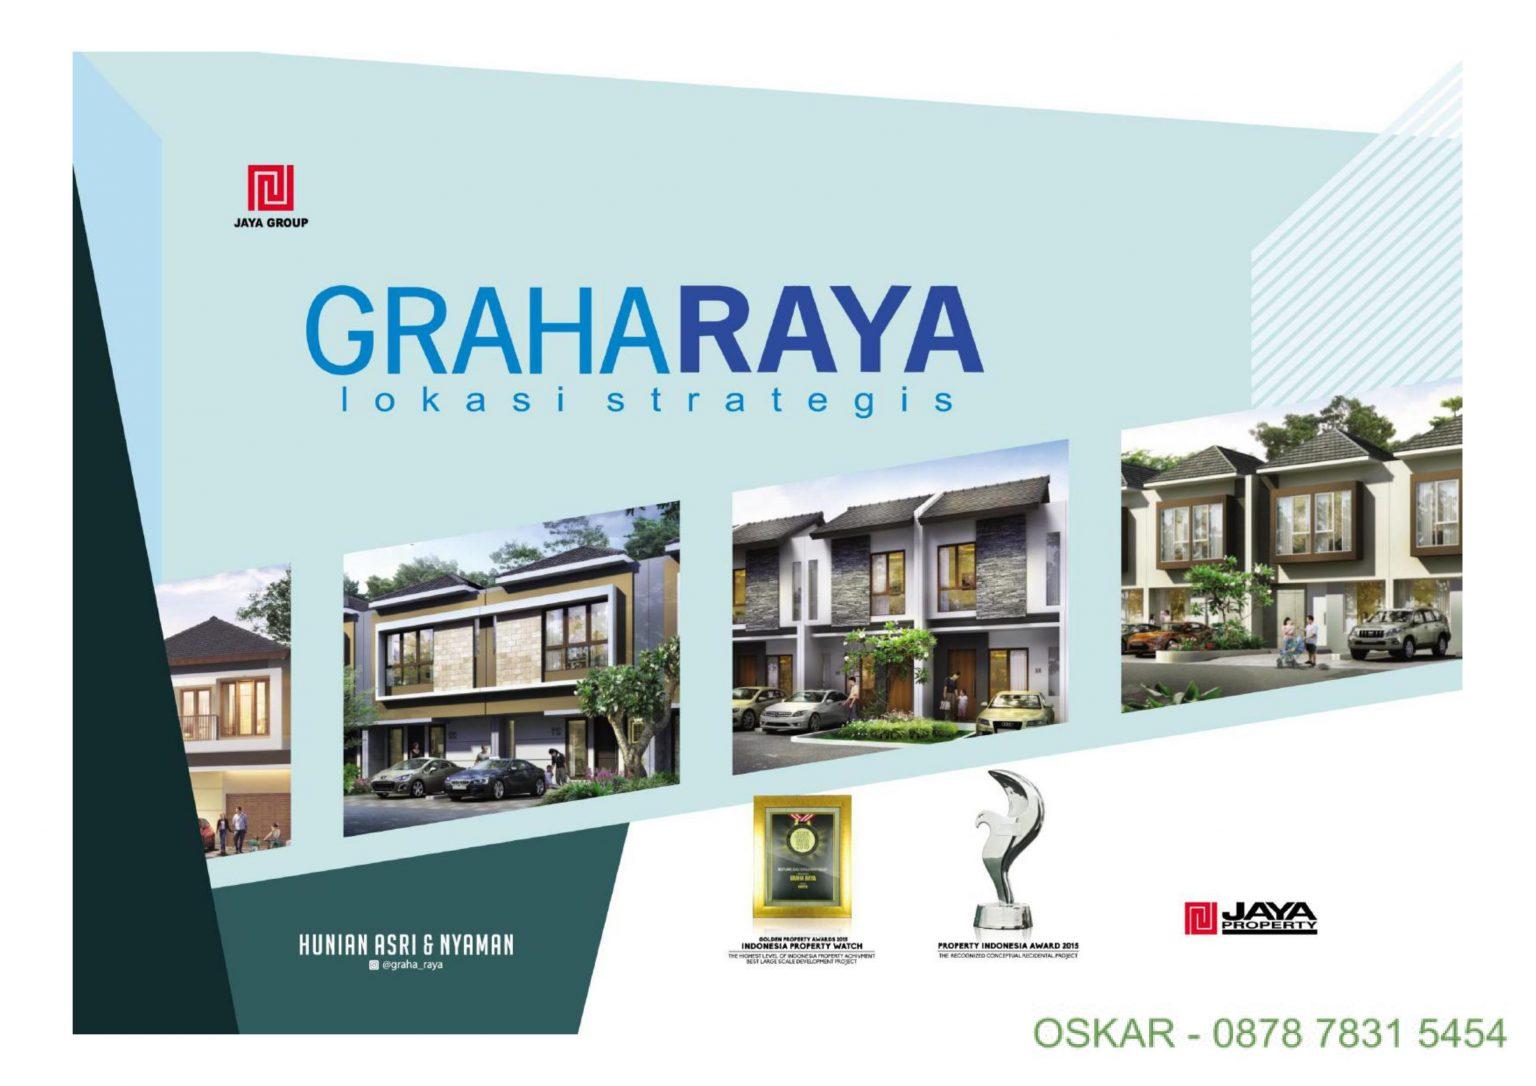 https://cluster-rumah.com/graharaya